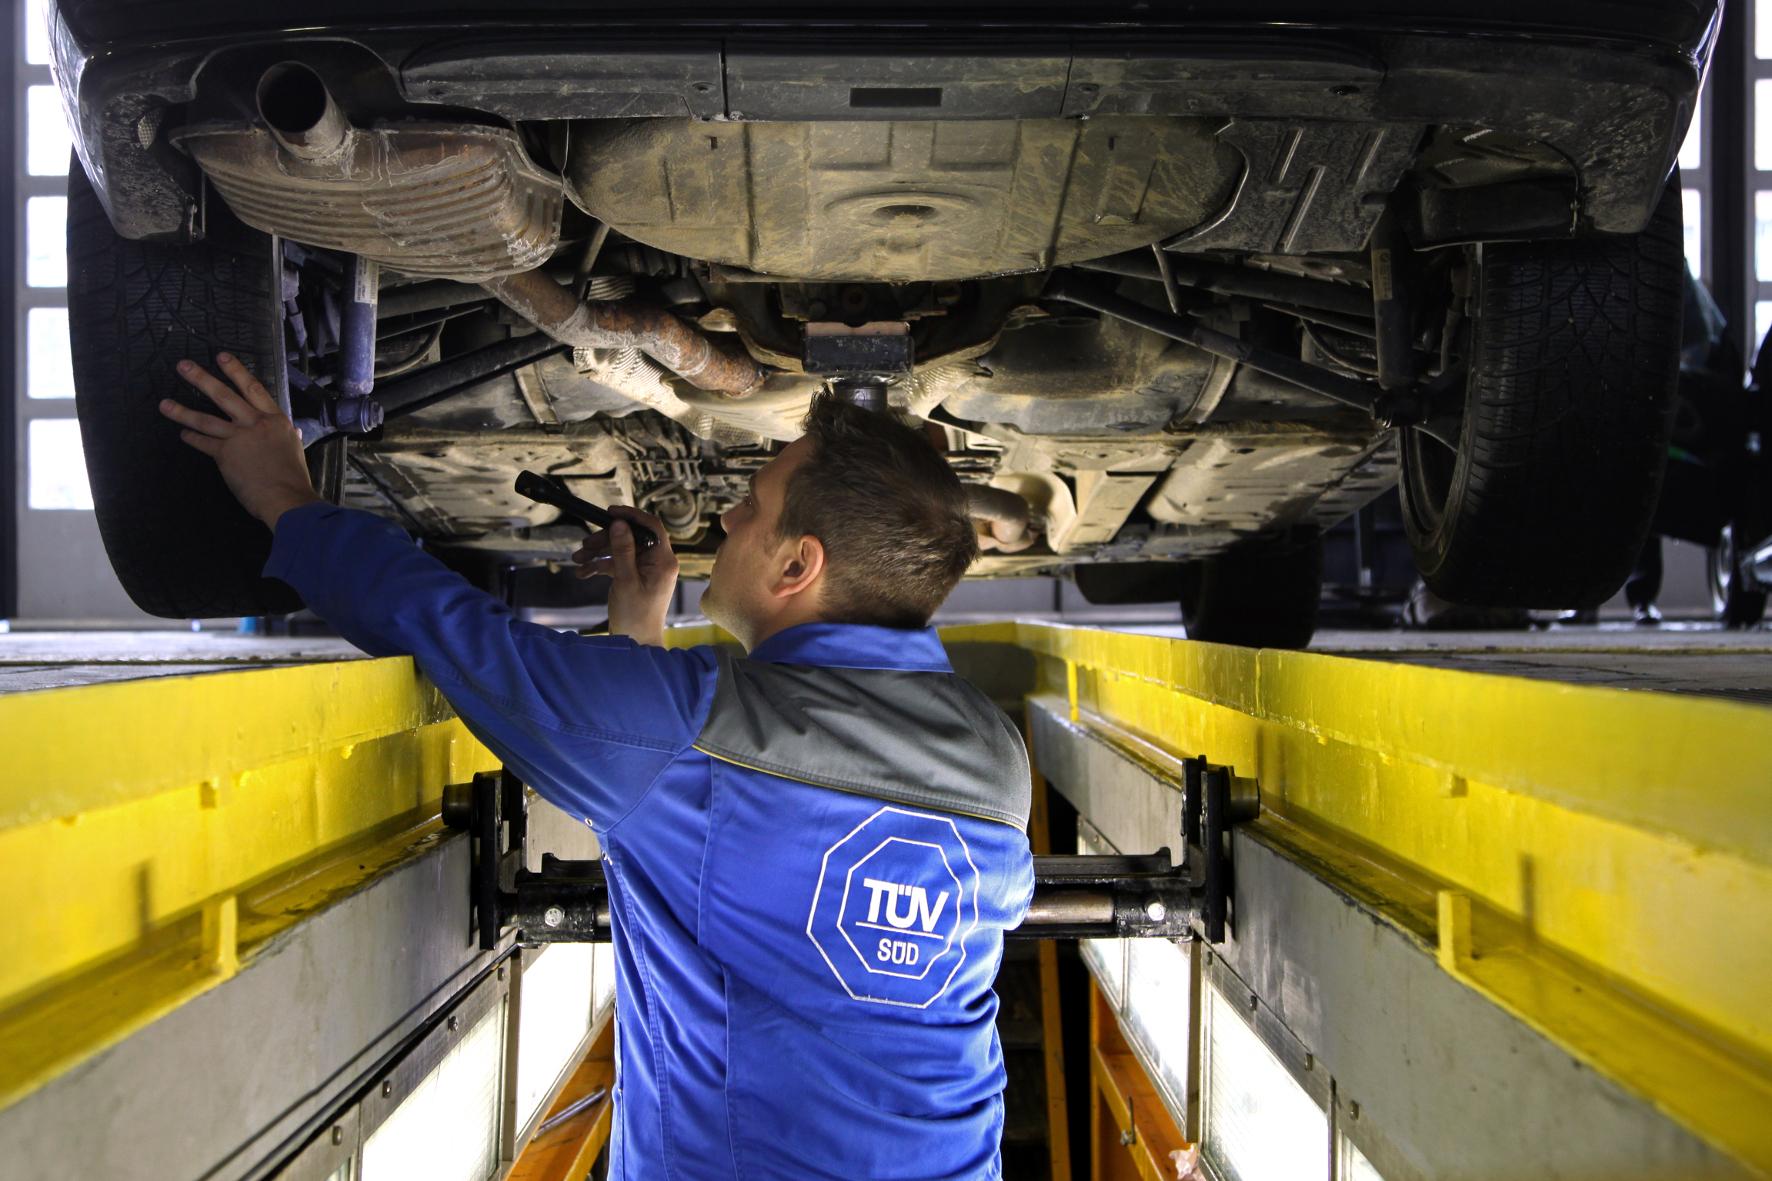 mid Groß-Gerau - Das Auto-Fahrwerk muss wie auch die Bremsanlage regelmäßig überprüft und gewartet werden.